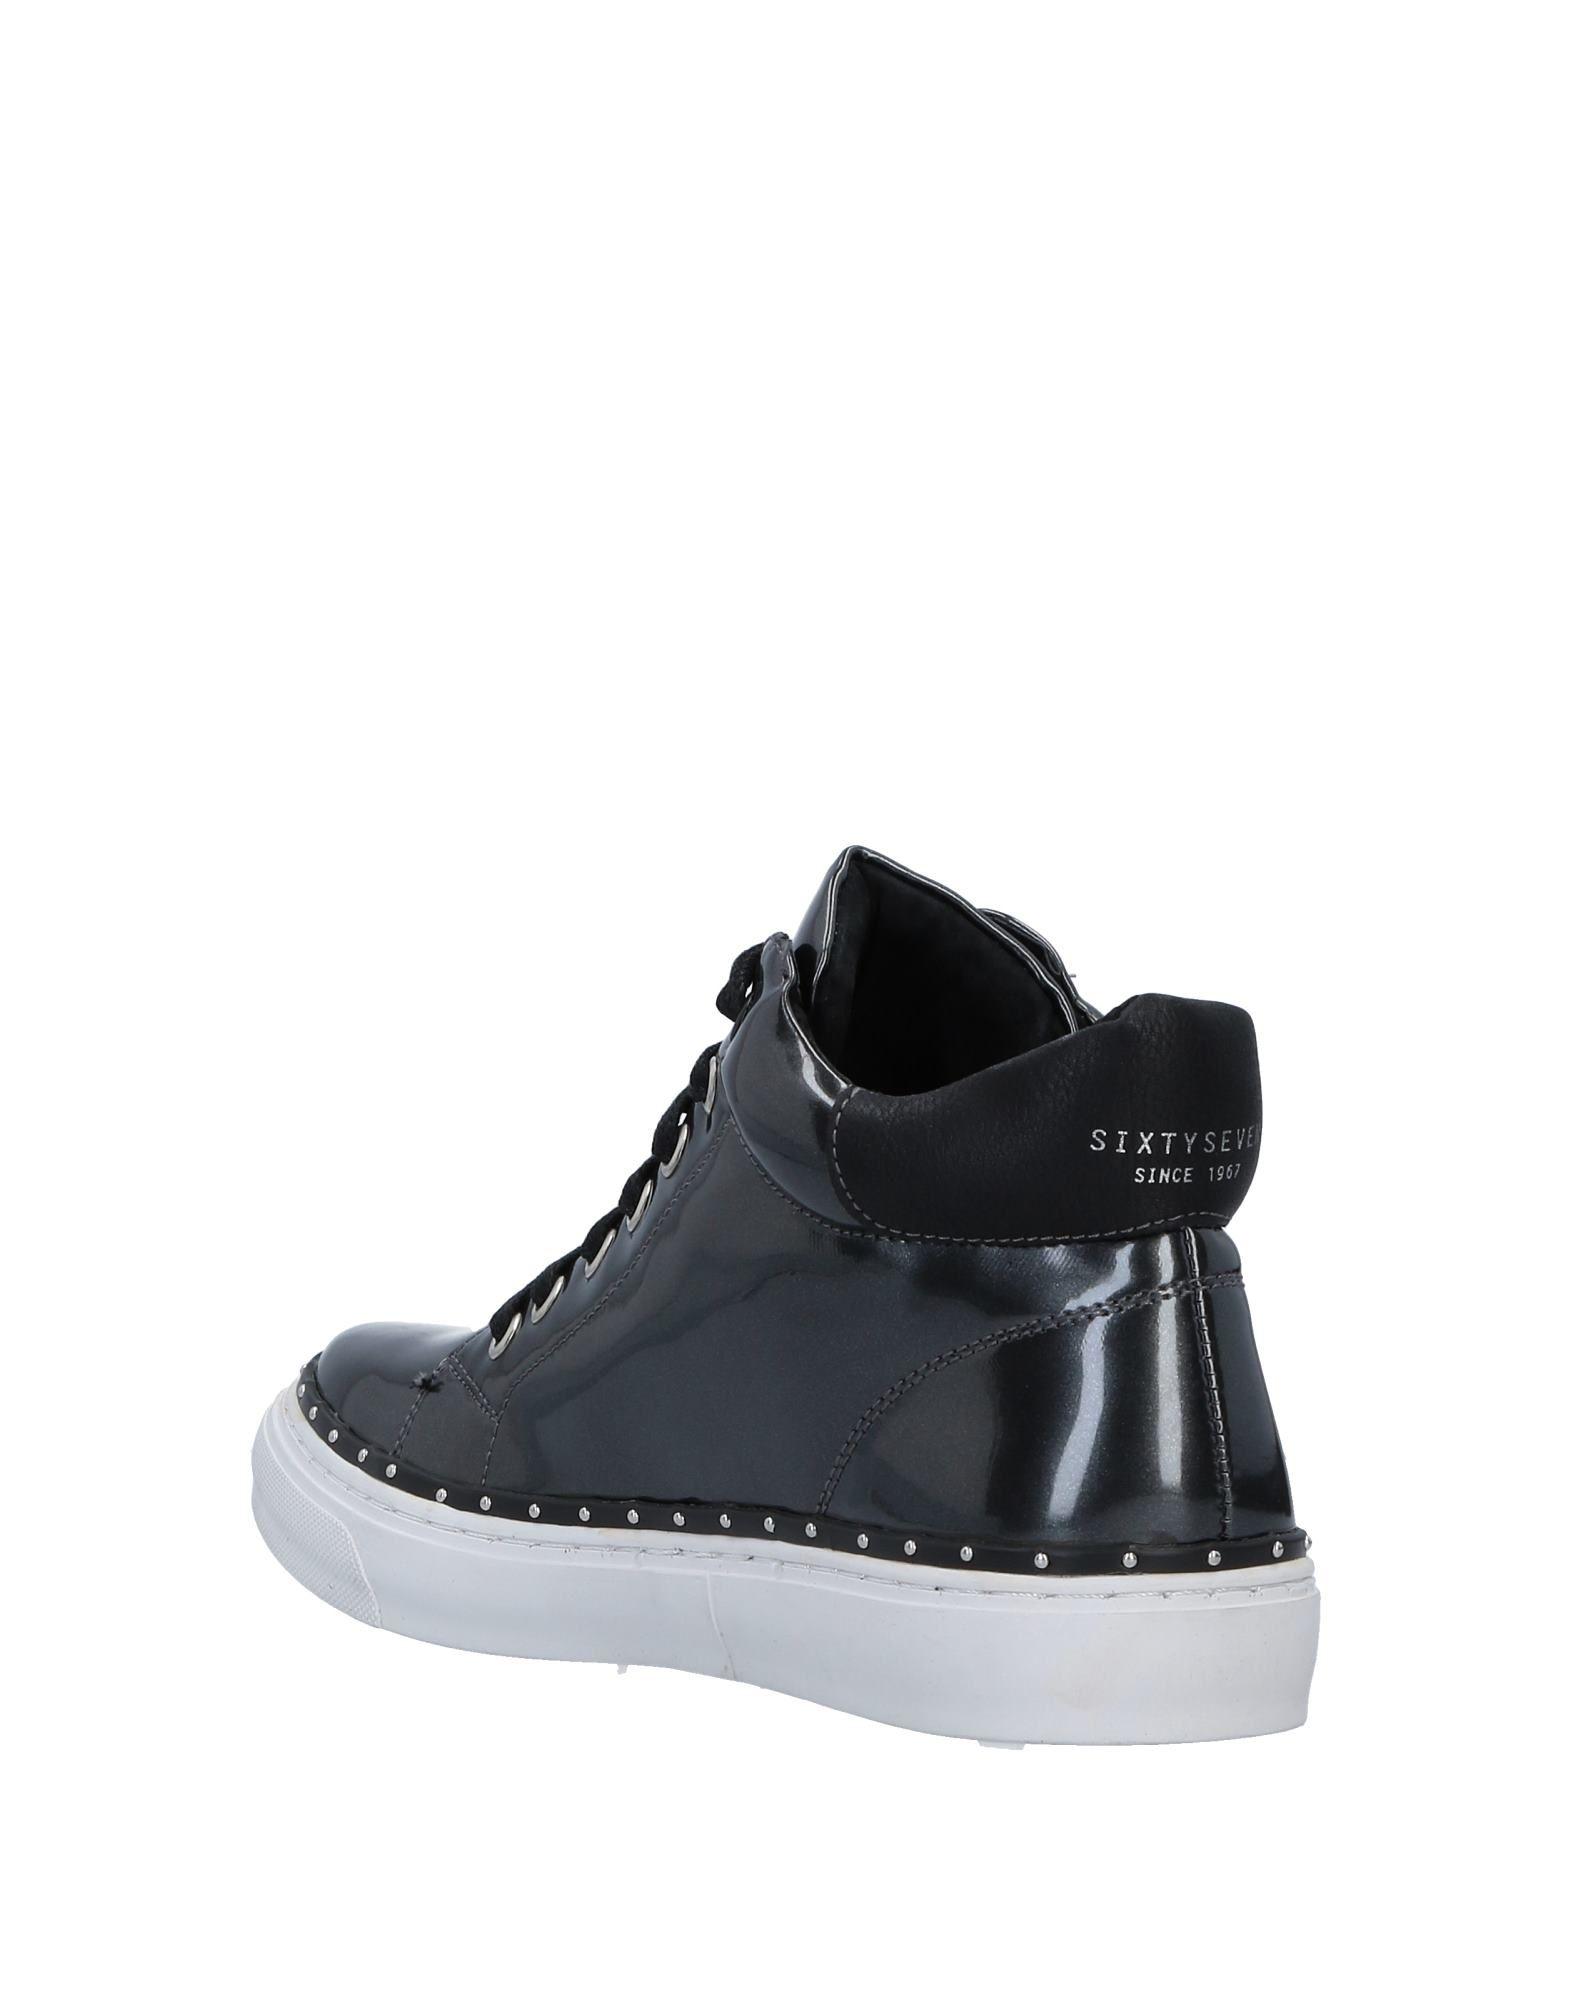 67 11542084AK Sixtyseven Sneakers Damen  11542084AK 67 Gute Qualität beliebte Schuhe 50ed7a